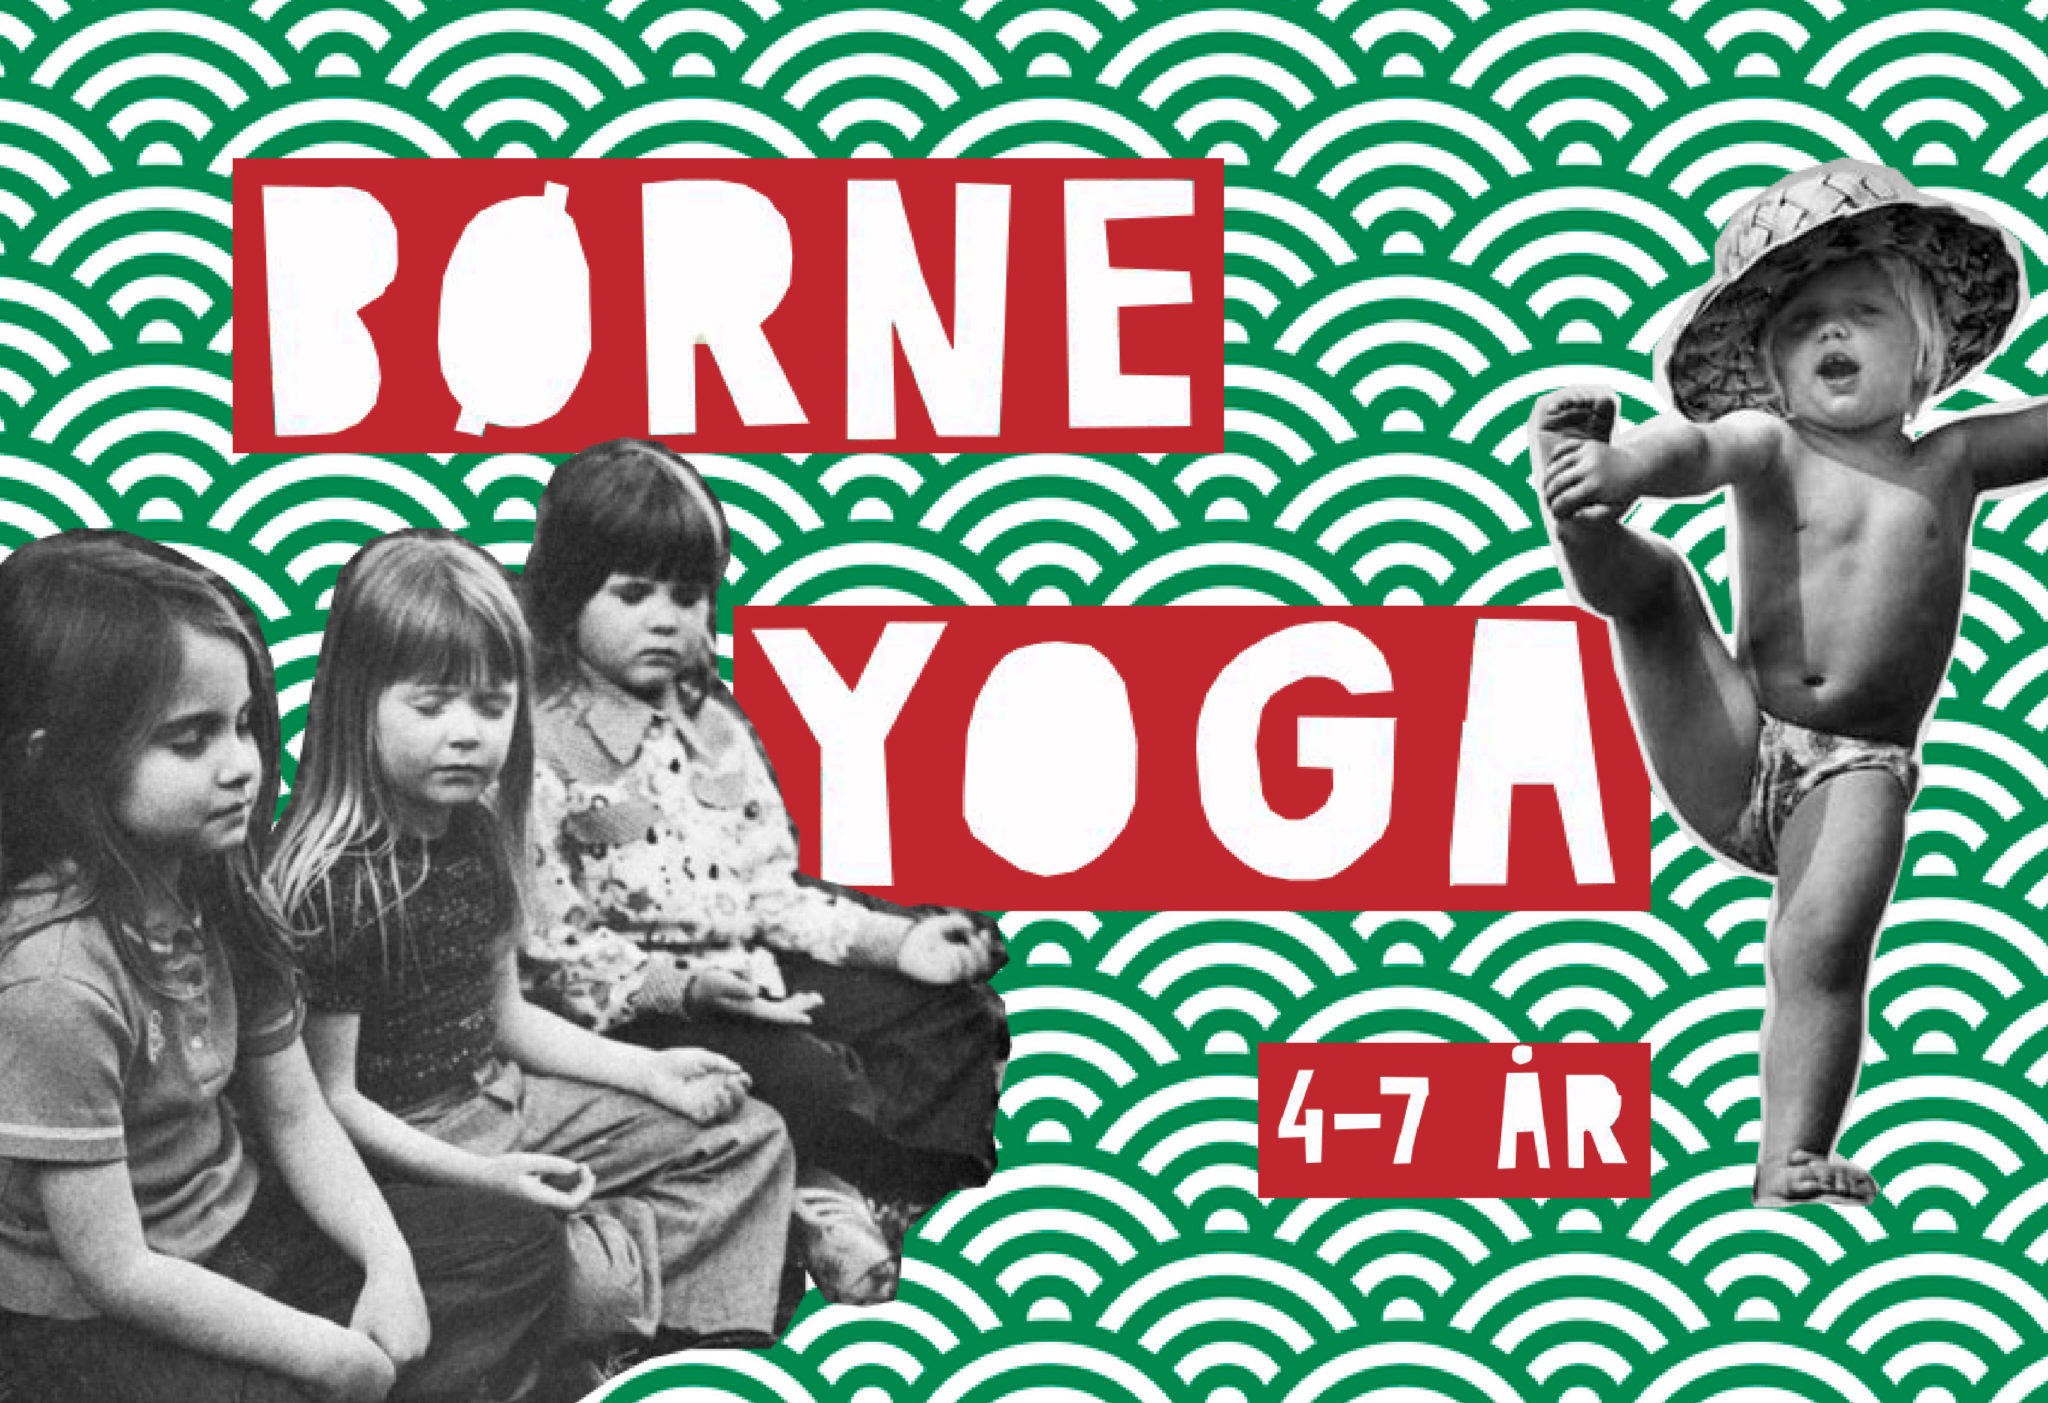 8bc85739966 juni BØRNE YOGA (4-7 år) Fra 15:45 til 16:30Vi udforsker kroppen og leger  yogaen ind gennem de forskellige stillinger. Vi skal hoppe som en frø, ...